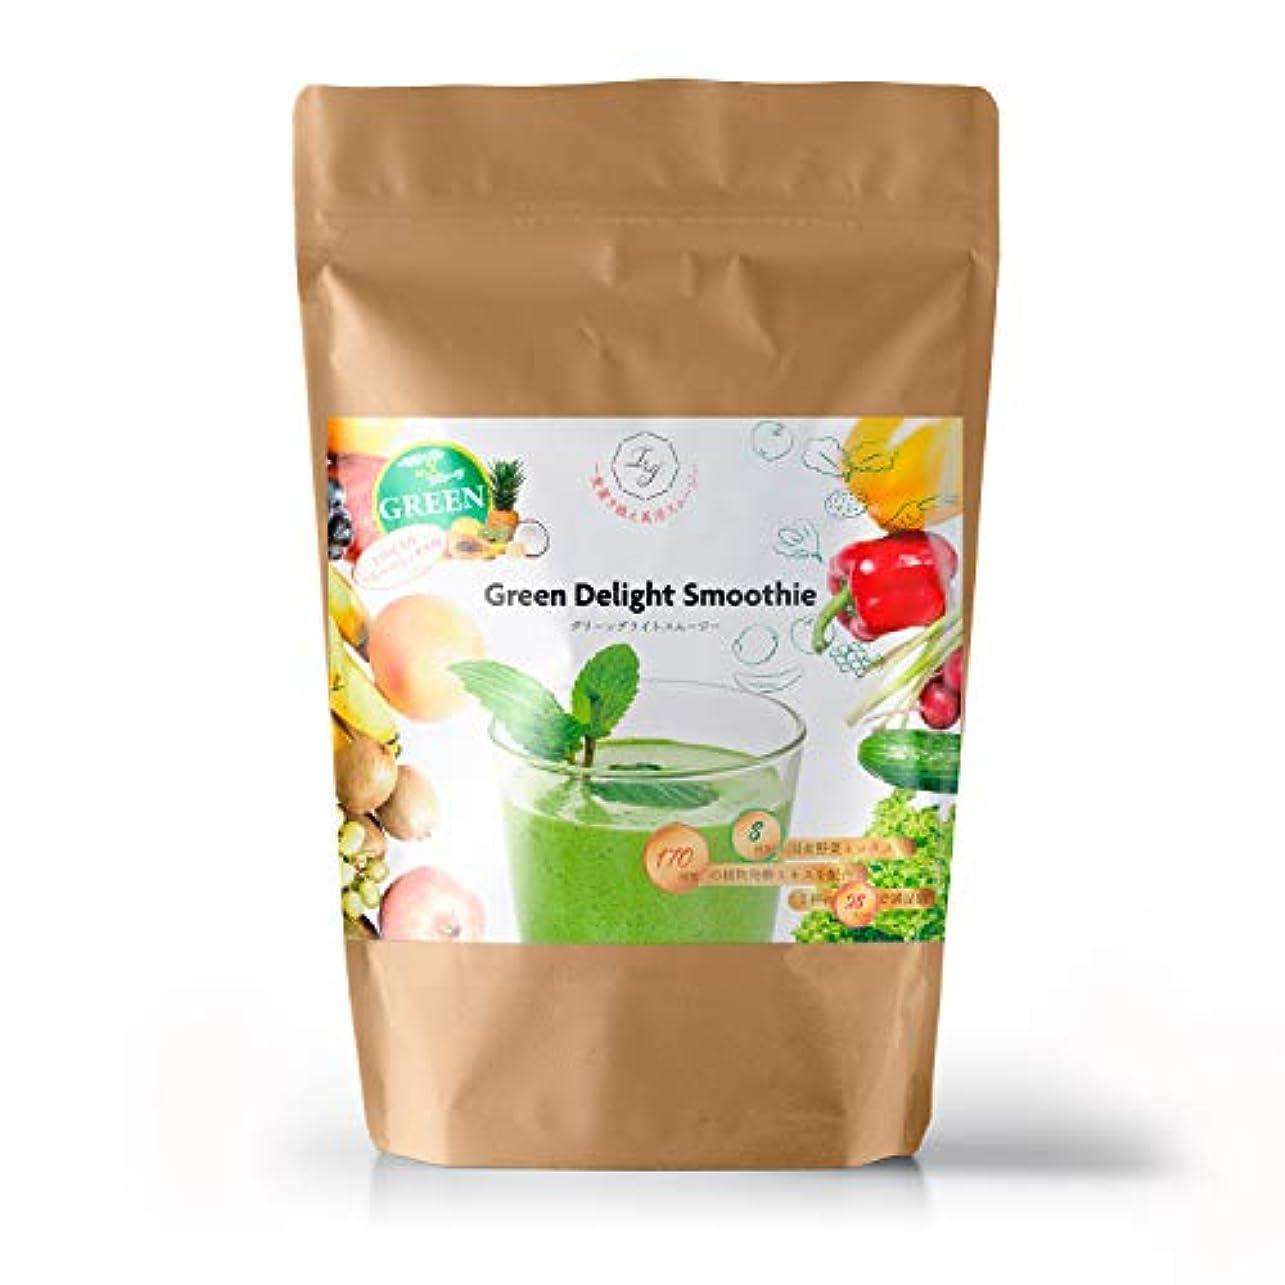 出します水素ペナルティGreen Delight Smoothie(グリーンディライトスムージー)置き換え スムージーダイエット 植物酵素 乳酸菌 チアシード トロピカルフルーツ【安心の国内産】